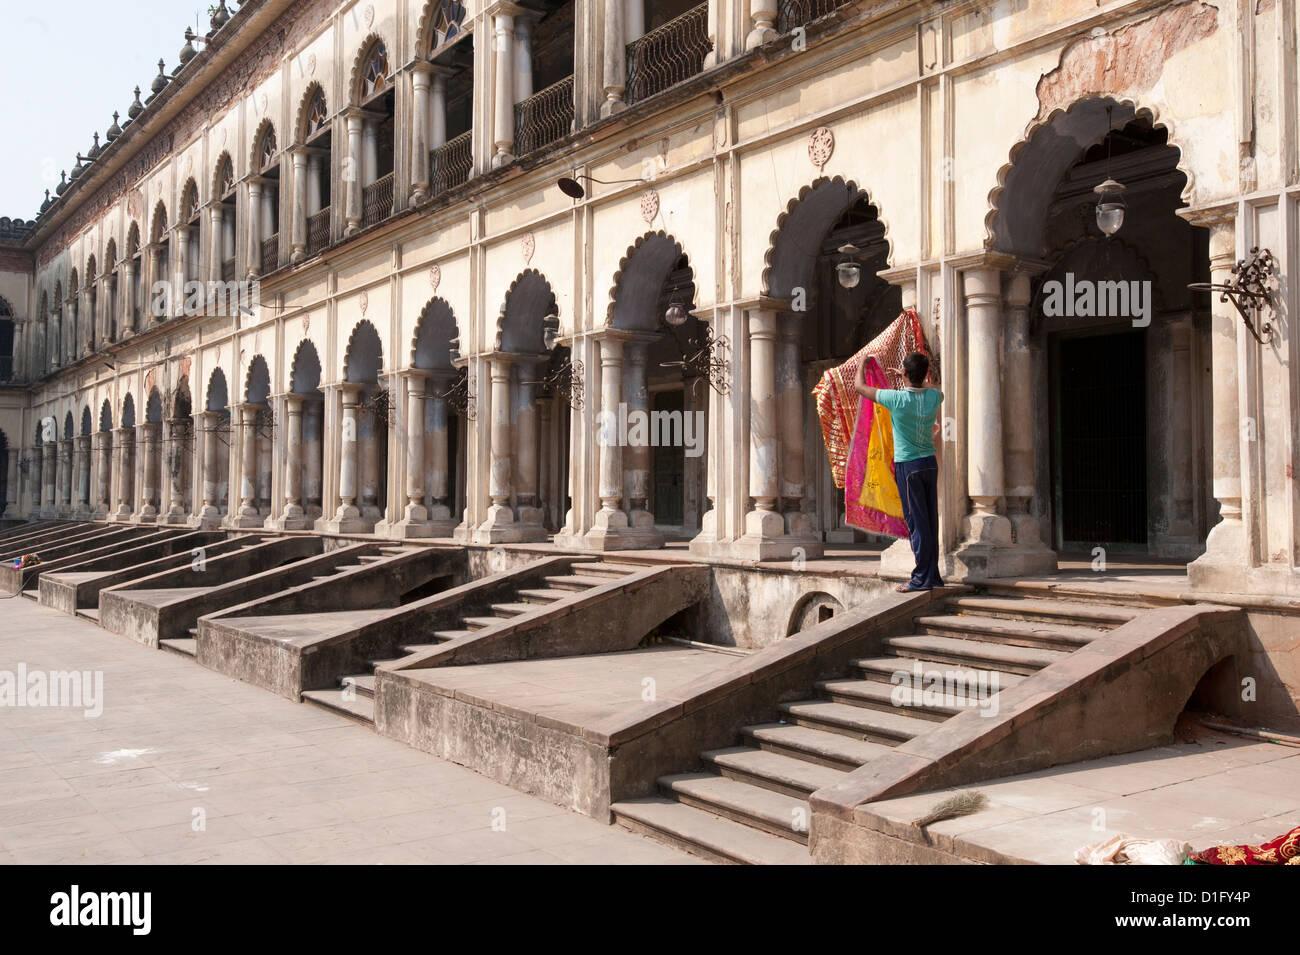 Hombre colgando fuera lavado Corán paños de cubierta exterior habitaciones en la madrasa arqueada Imambara Imagen De Stock